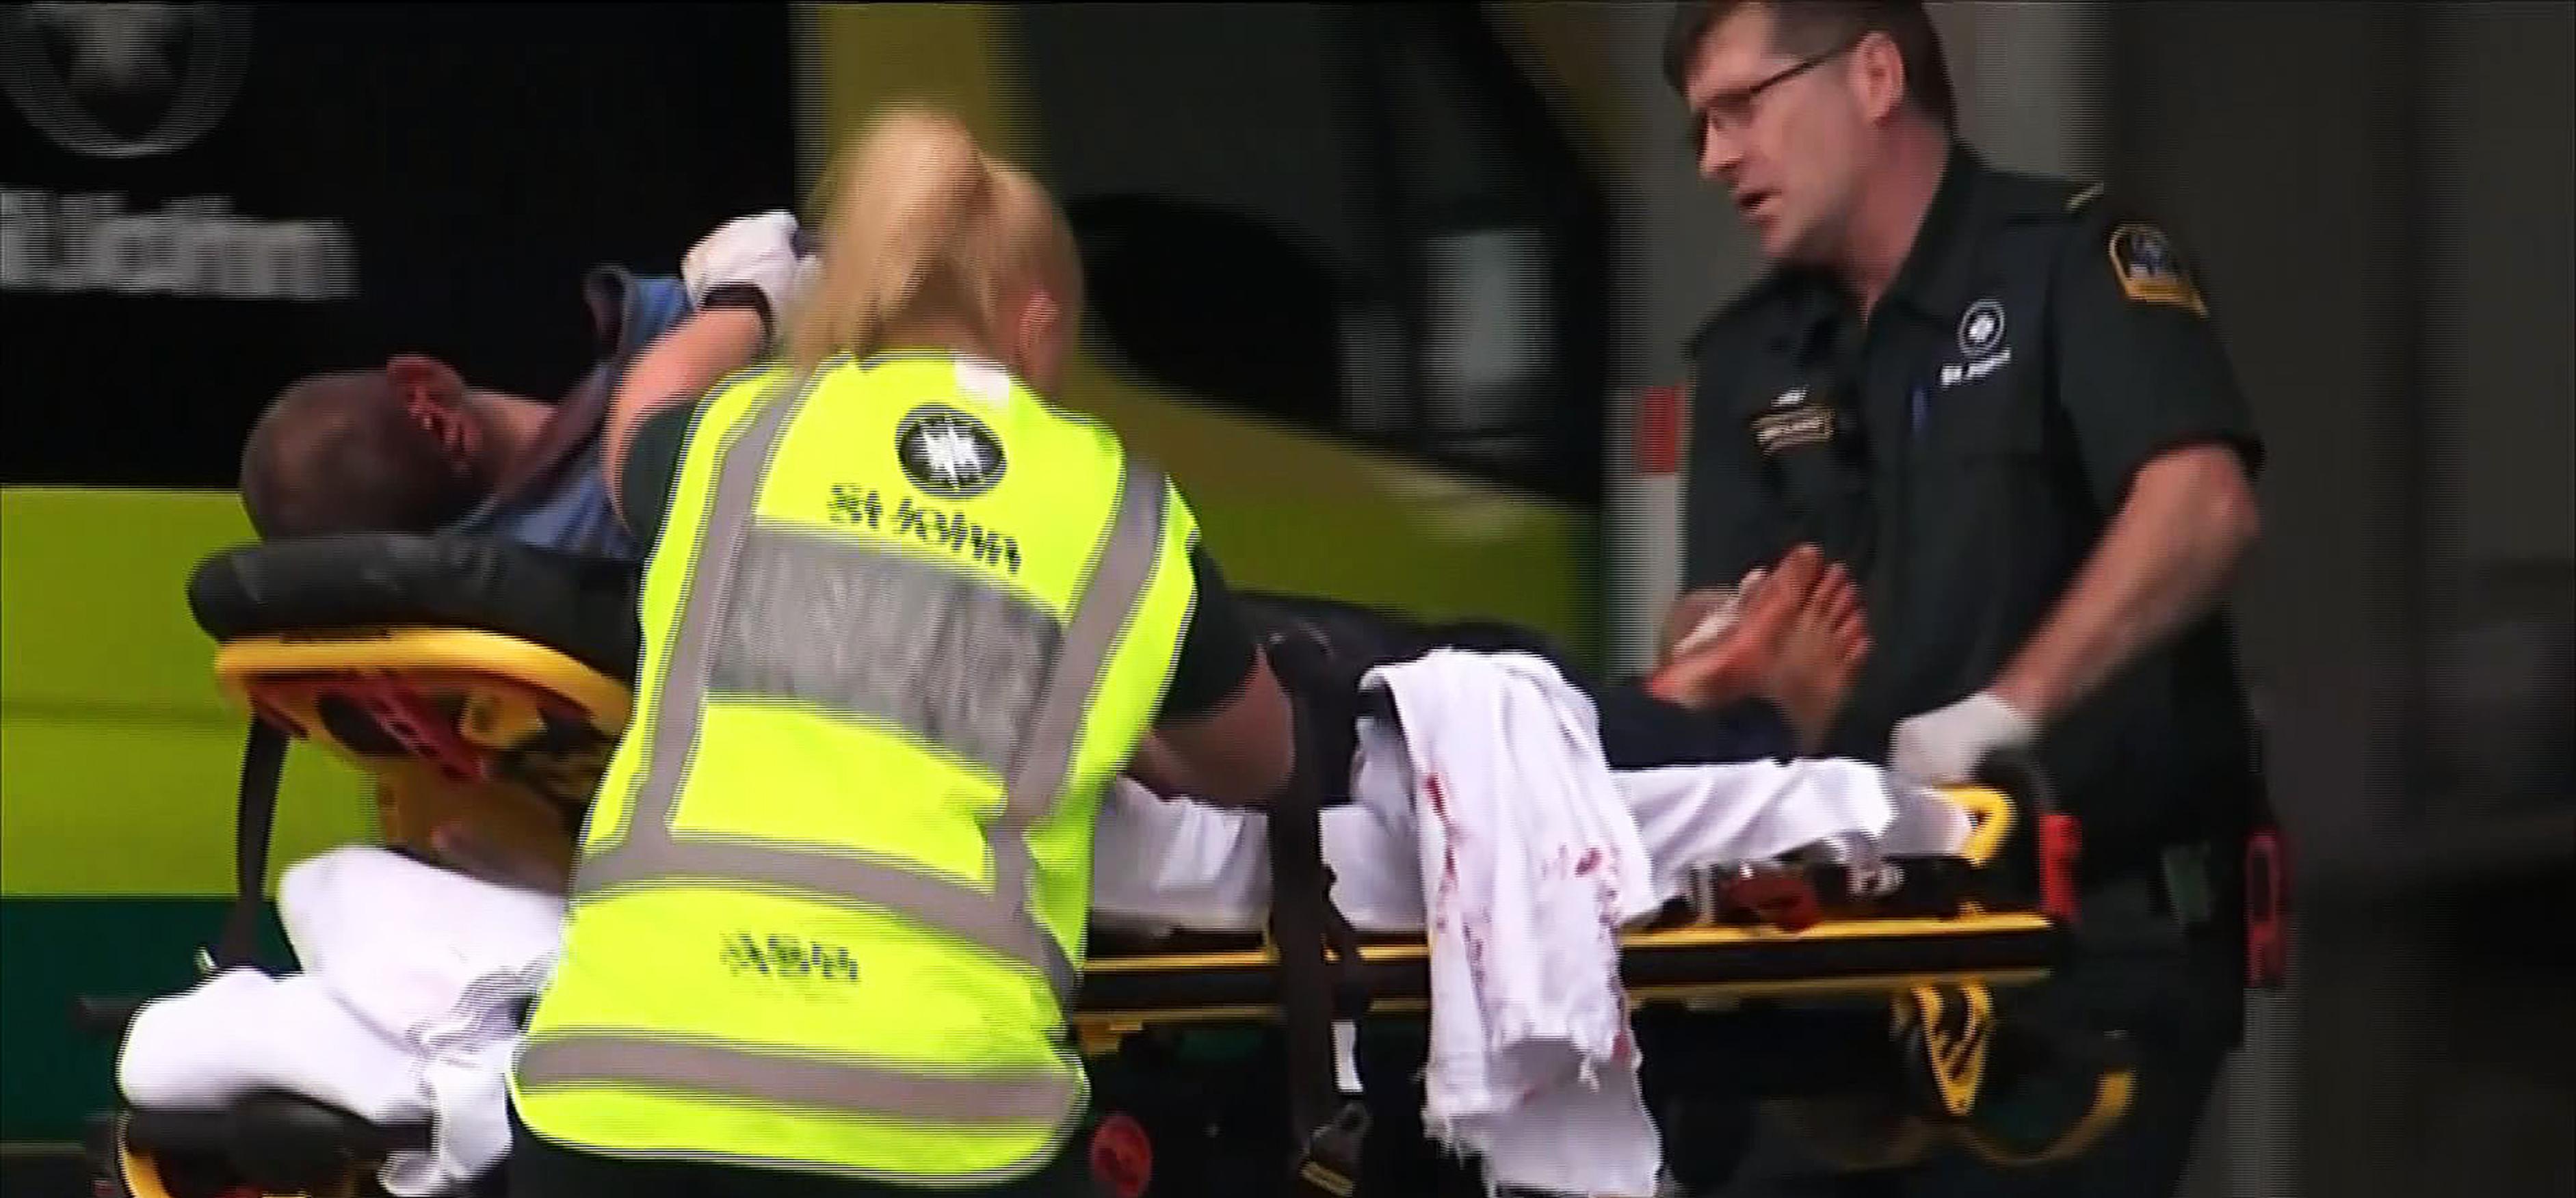 Megtámadtak két új-zélandi mecsetet, 49 ember meghalt